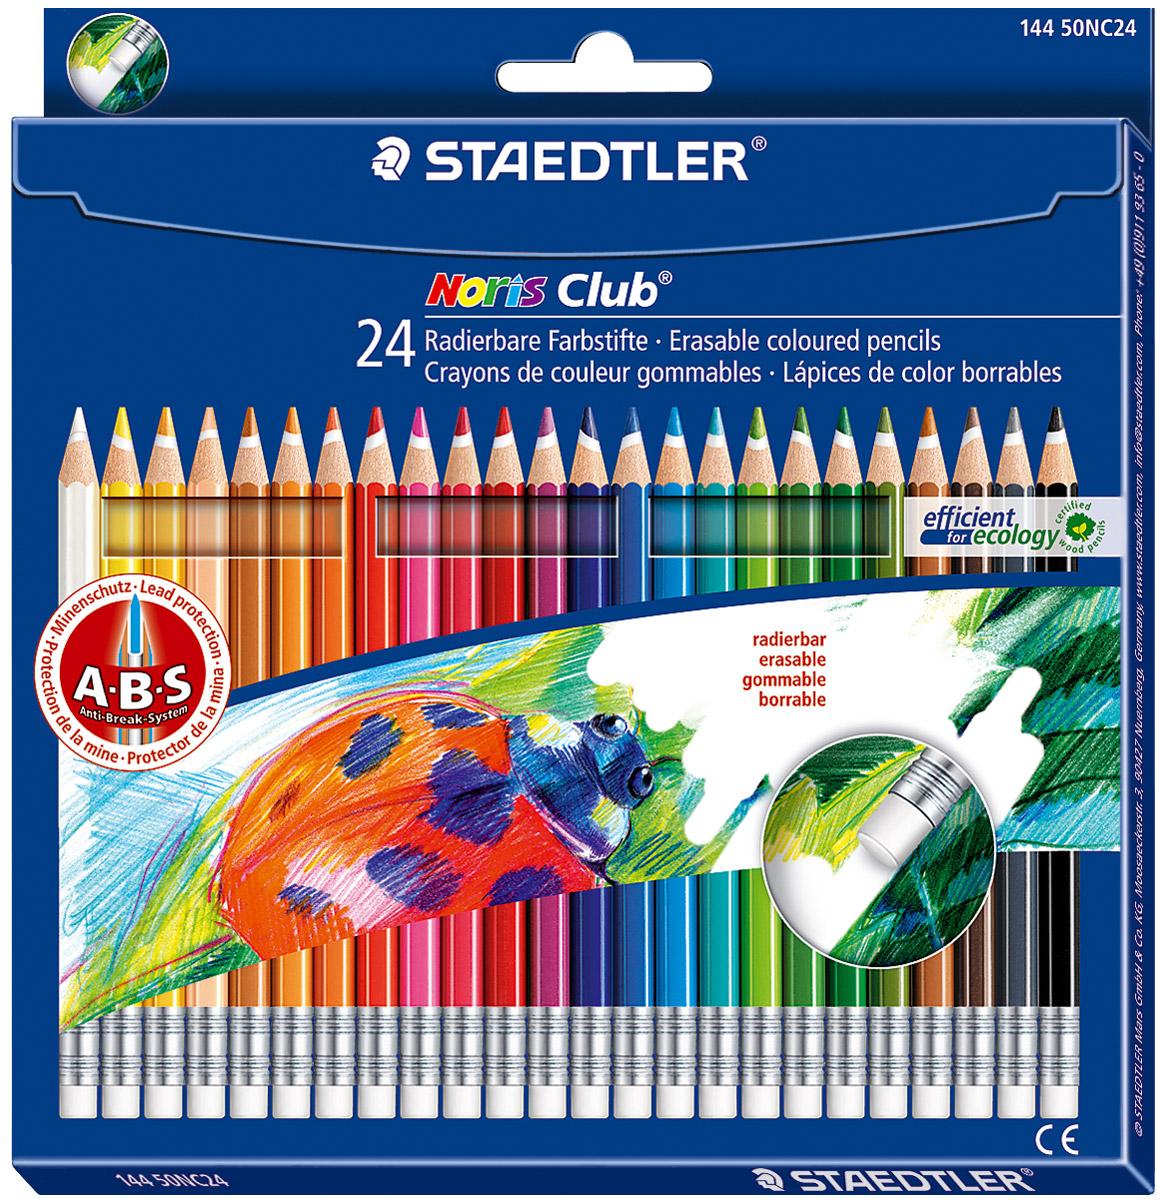 Staedtler Набор цветных карандашей Noris Club 24 шт281800Цветные карандаши с ABS системой. Стираются ластиком! Белое защитное кольцо усиливает грифель и повышает его ударопрочность.Грифель не ломается и не крошится при заточке. Корпус карандашей выполнен из сертифицированной особо прочной древесины.В наборе 24 карандаша ярких насыщенных цветов.